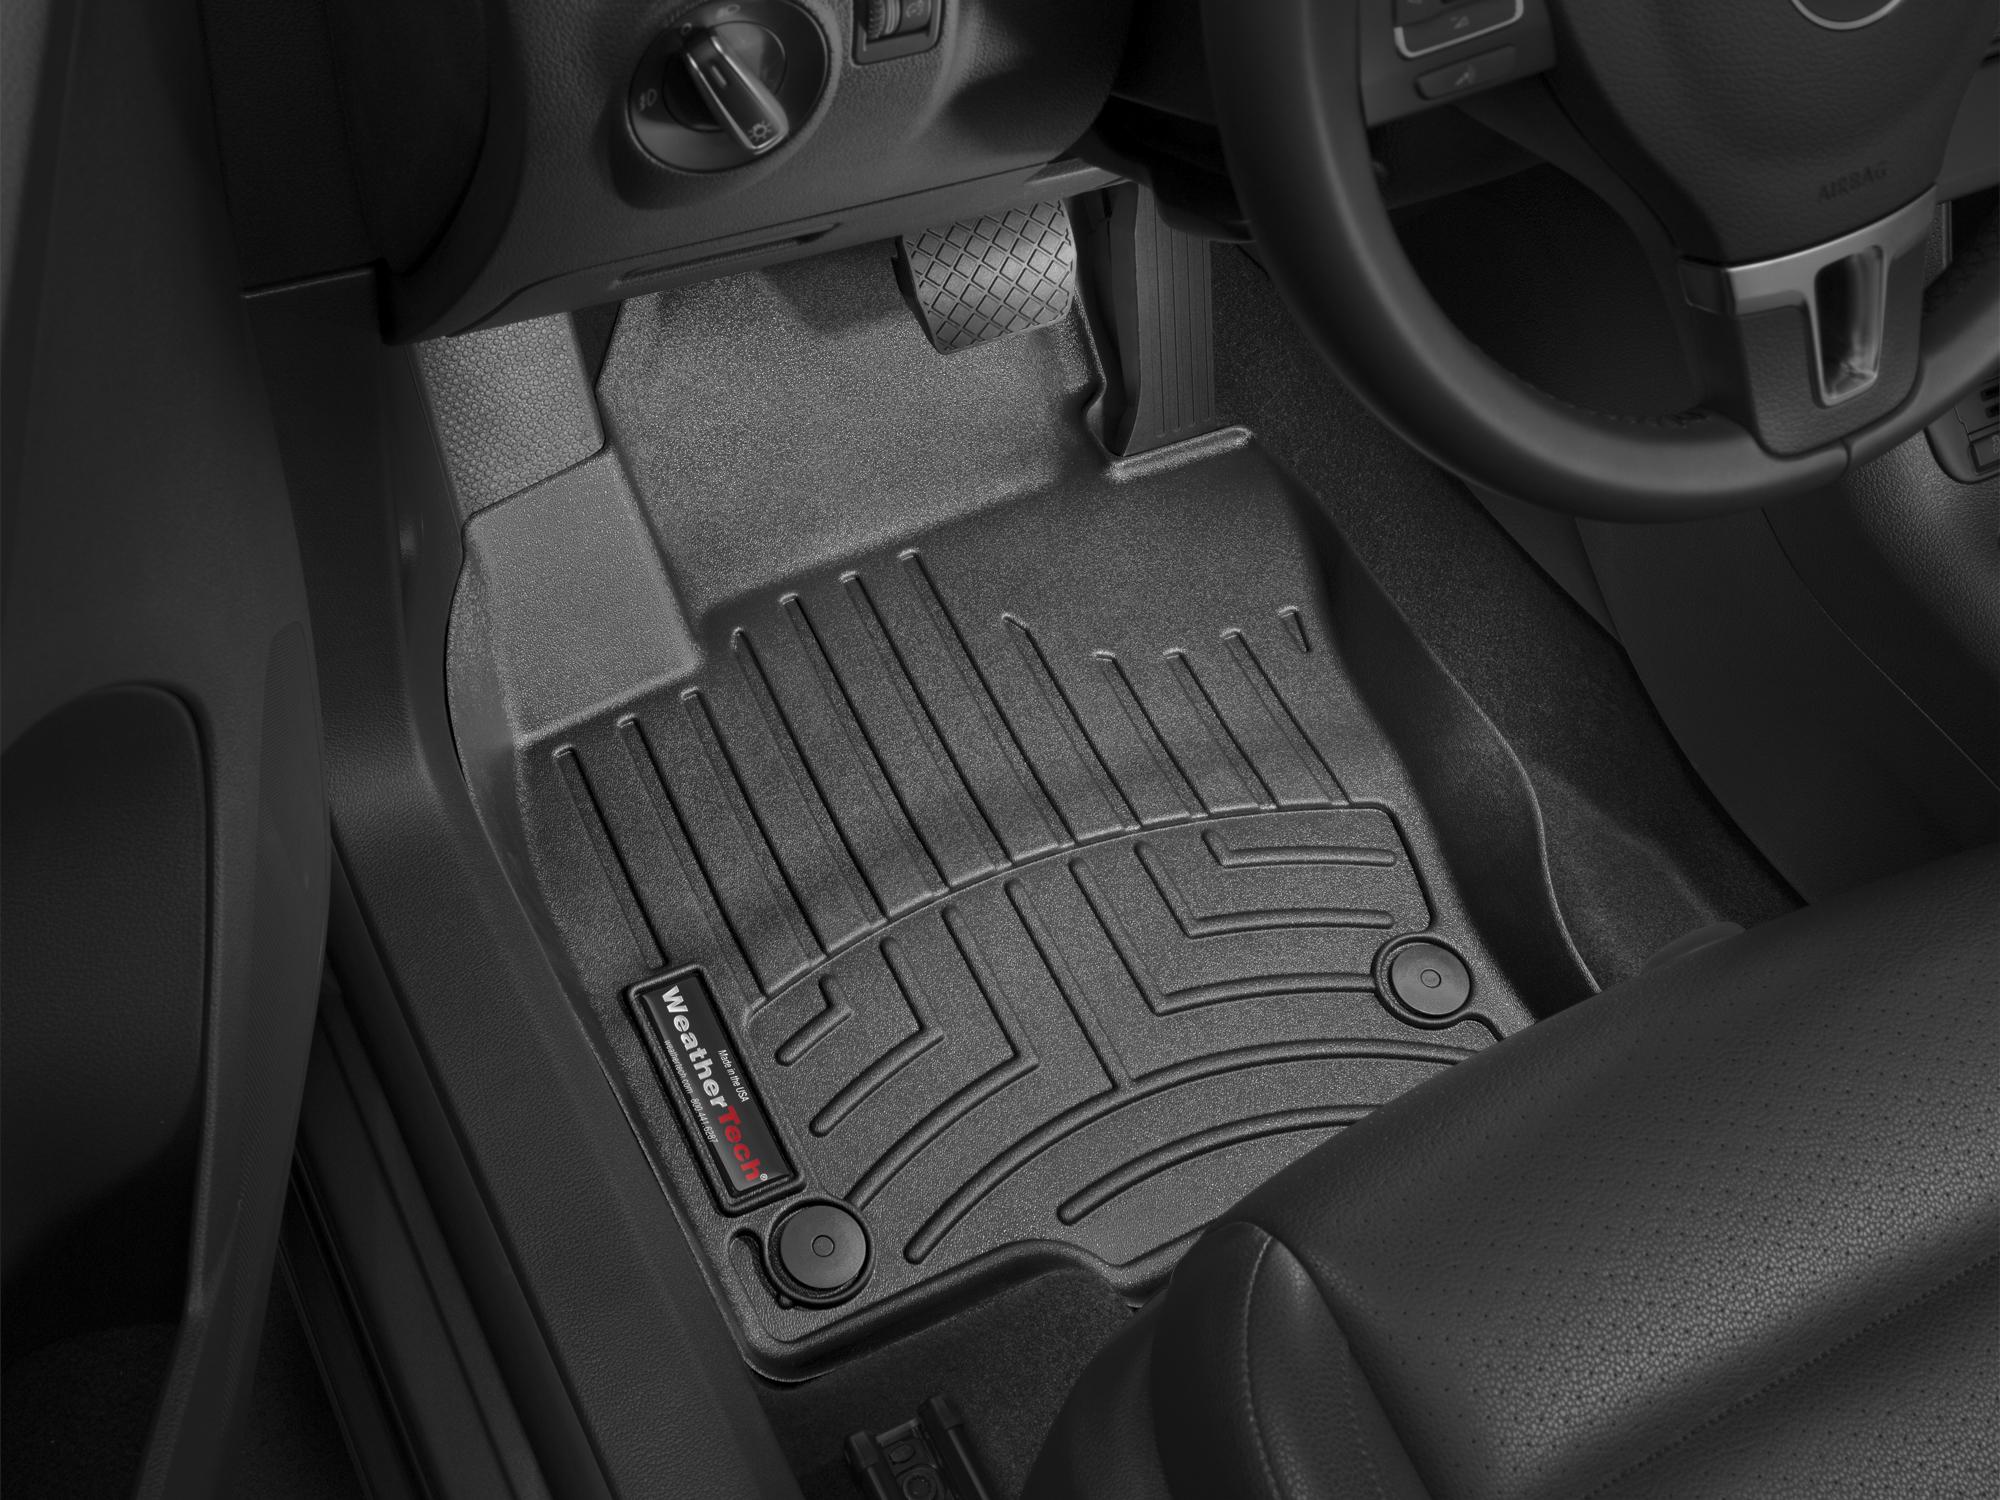 Tappeti gomma su misura bordo alto Volkswagen Tiguan 08>15 Nero A4265*